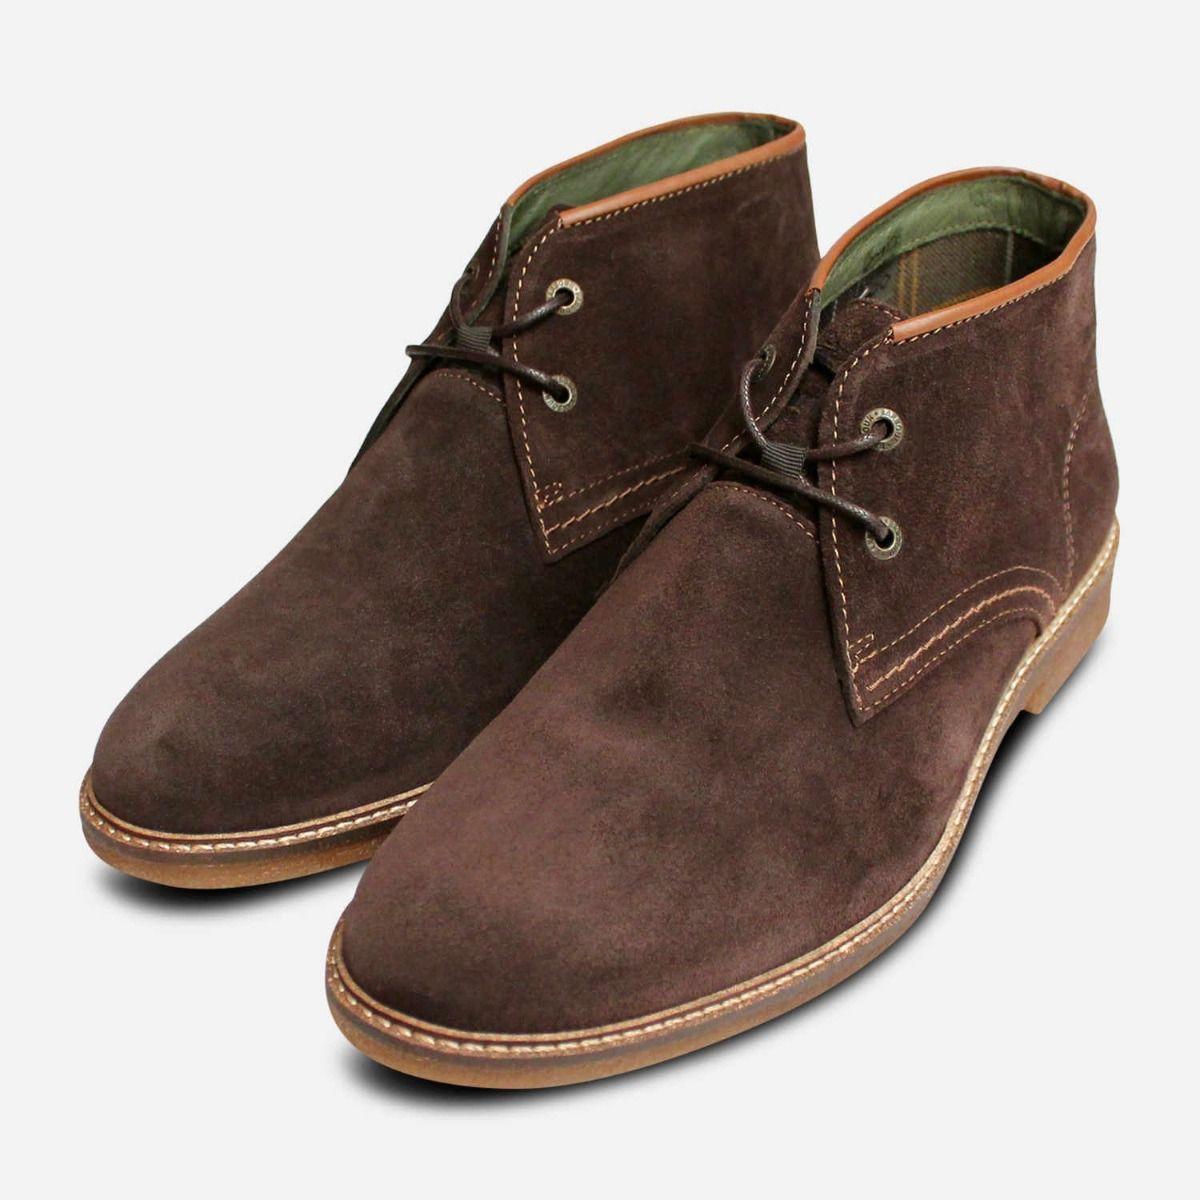 Barbour Kalahari 3 Mens Lace Up Boots